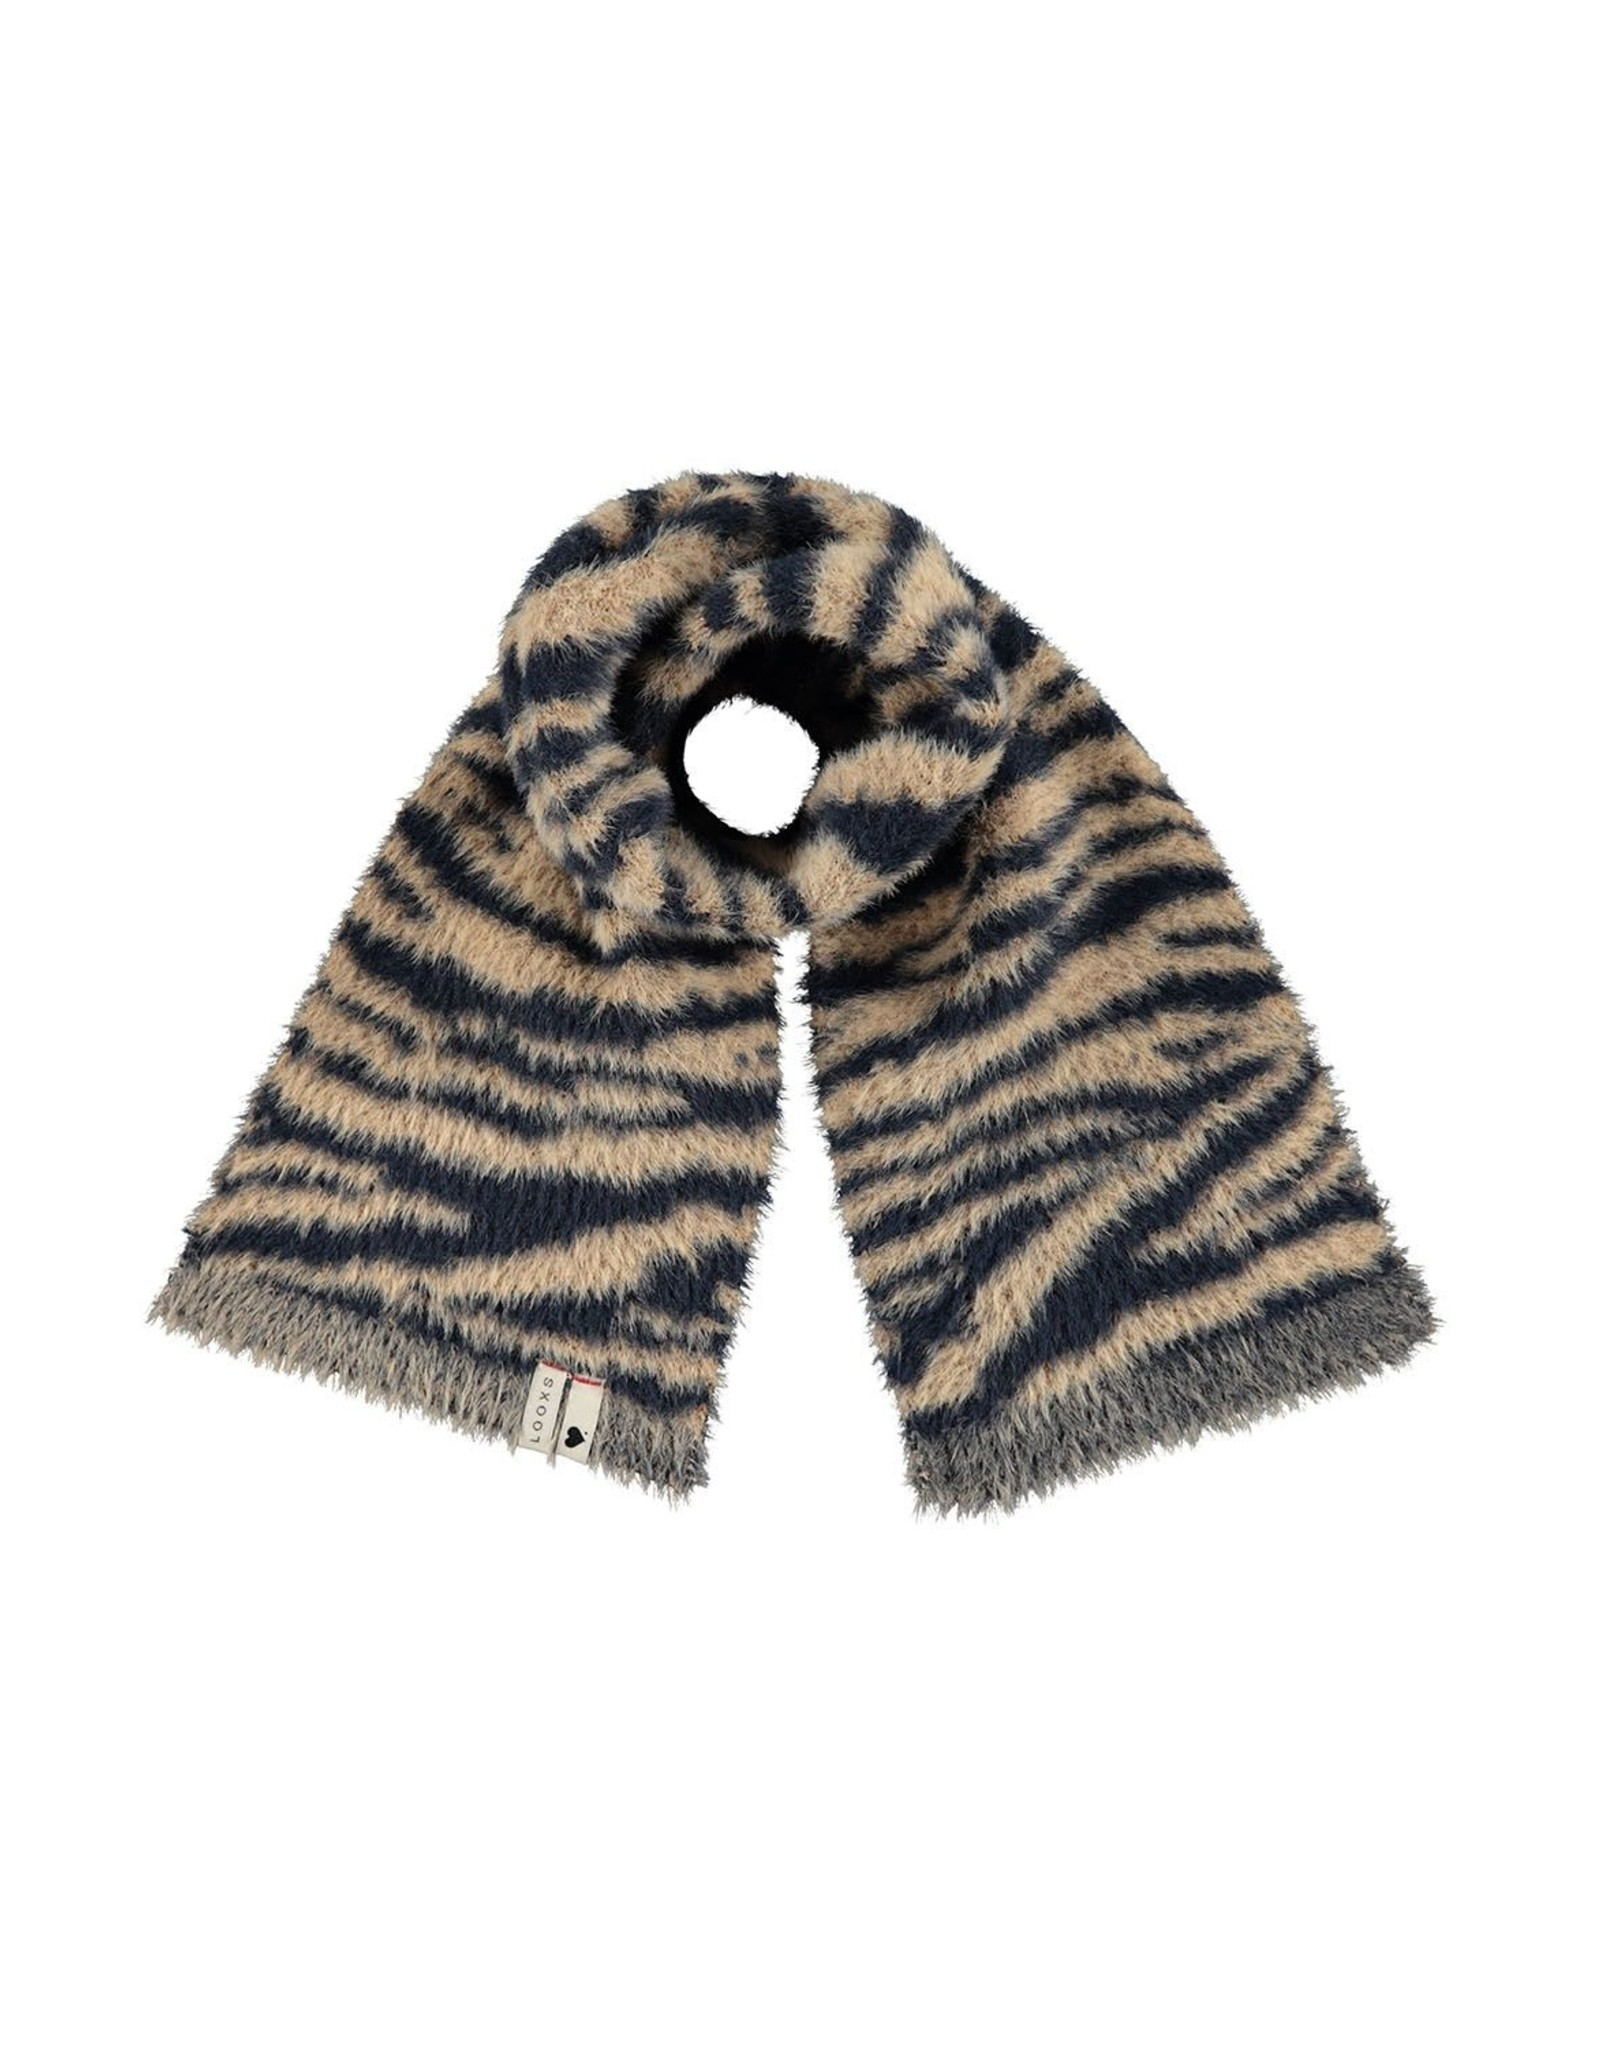 Looxs Little Little scarf hairy knit zebra